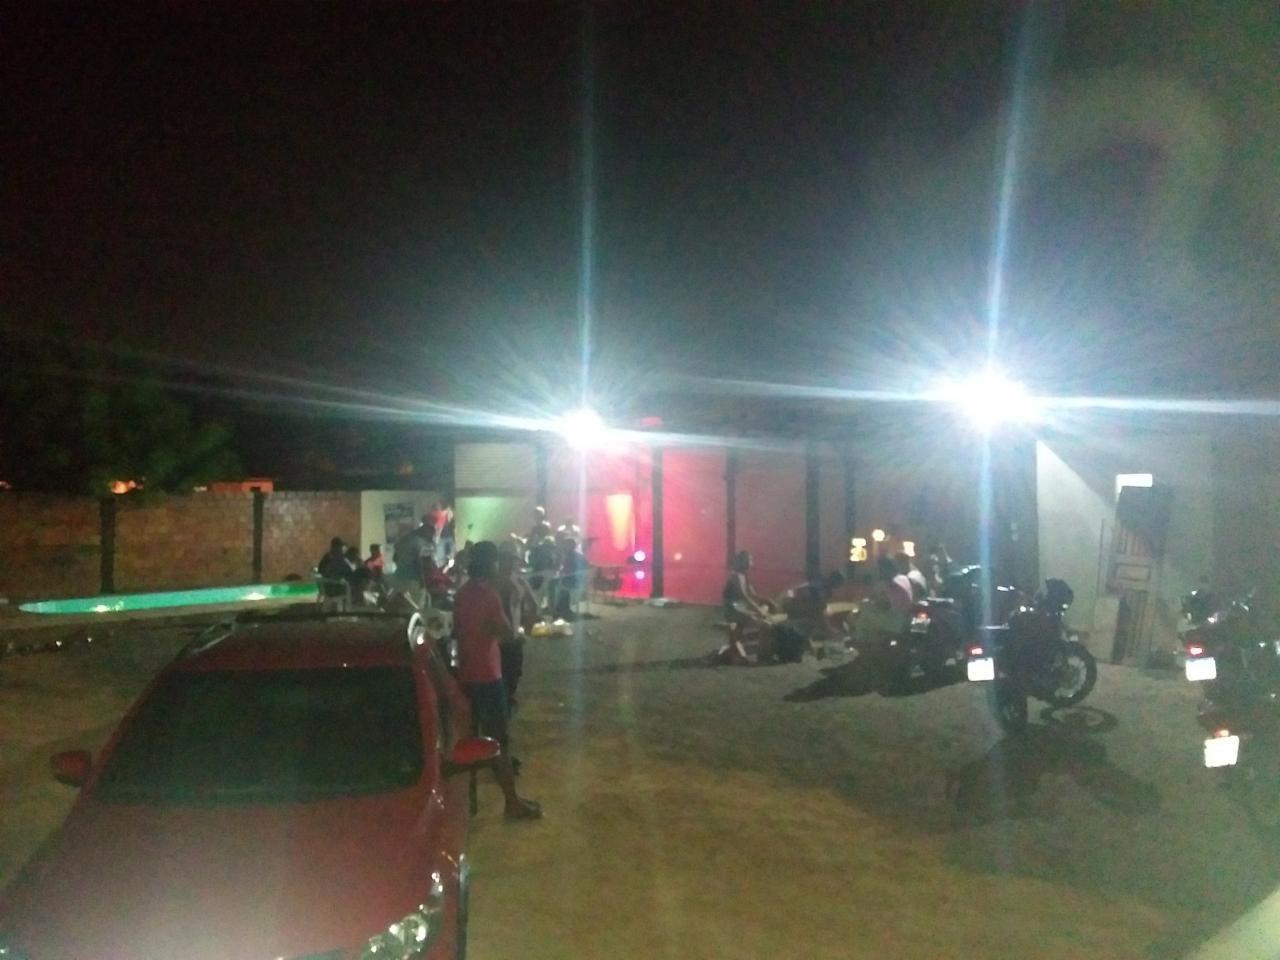 Polícia encerra festa de aniversário com mais de 100 pessoas em Ariquemes, RO